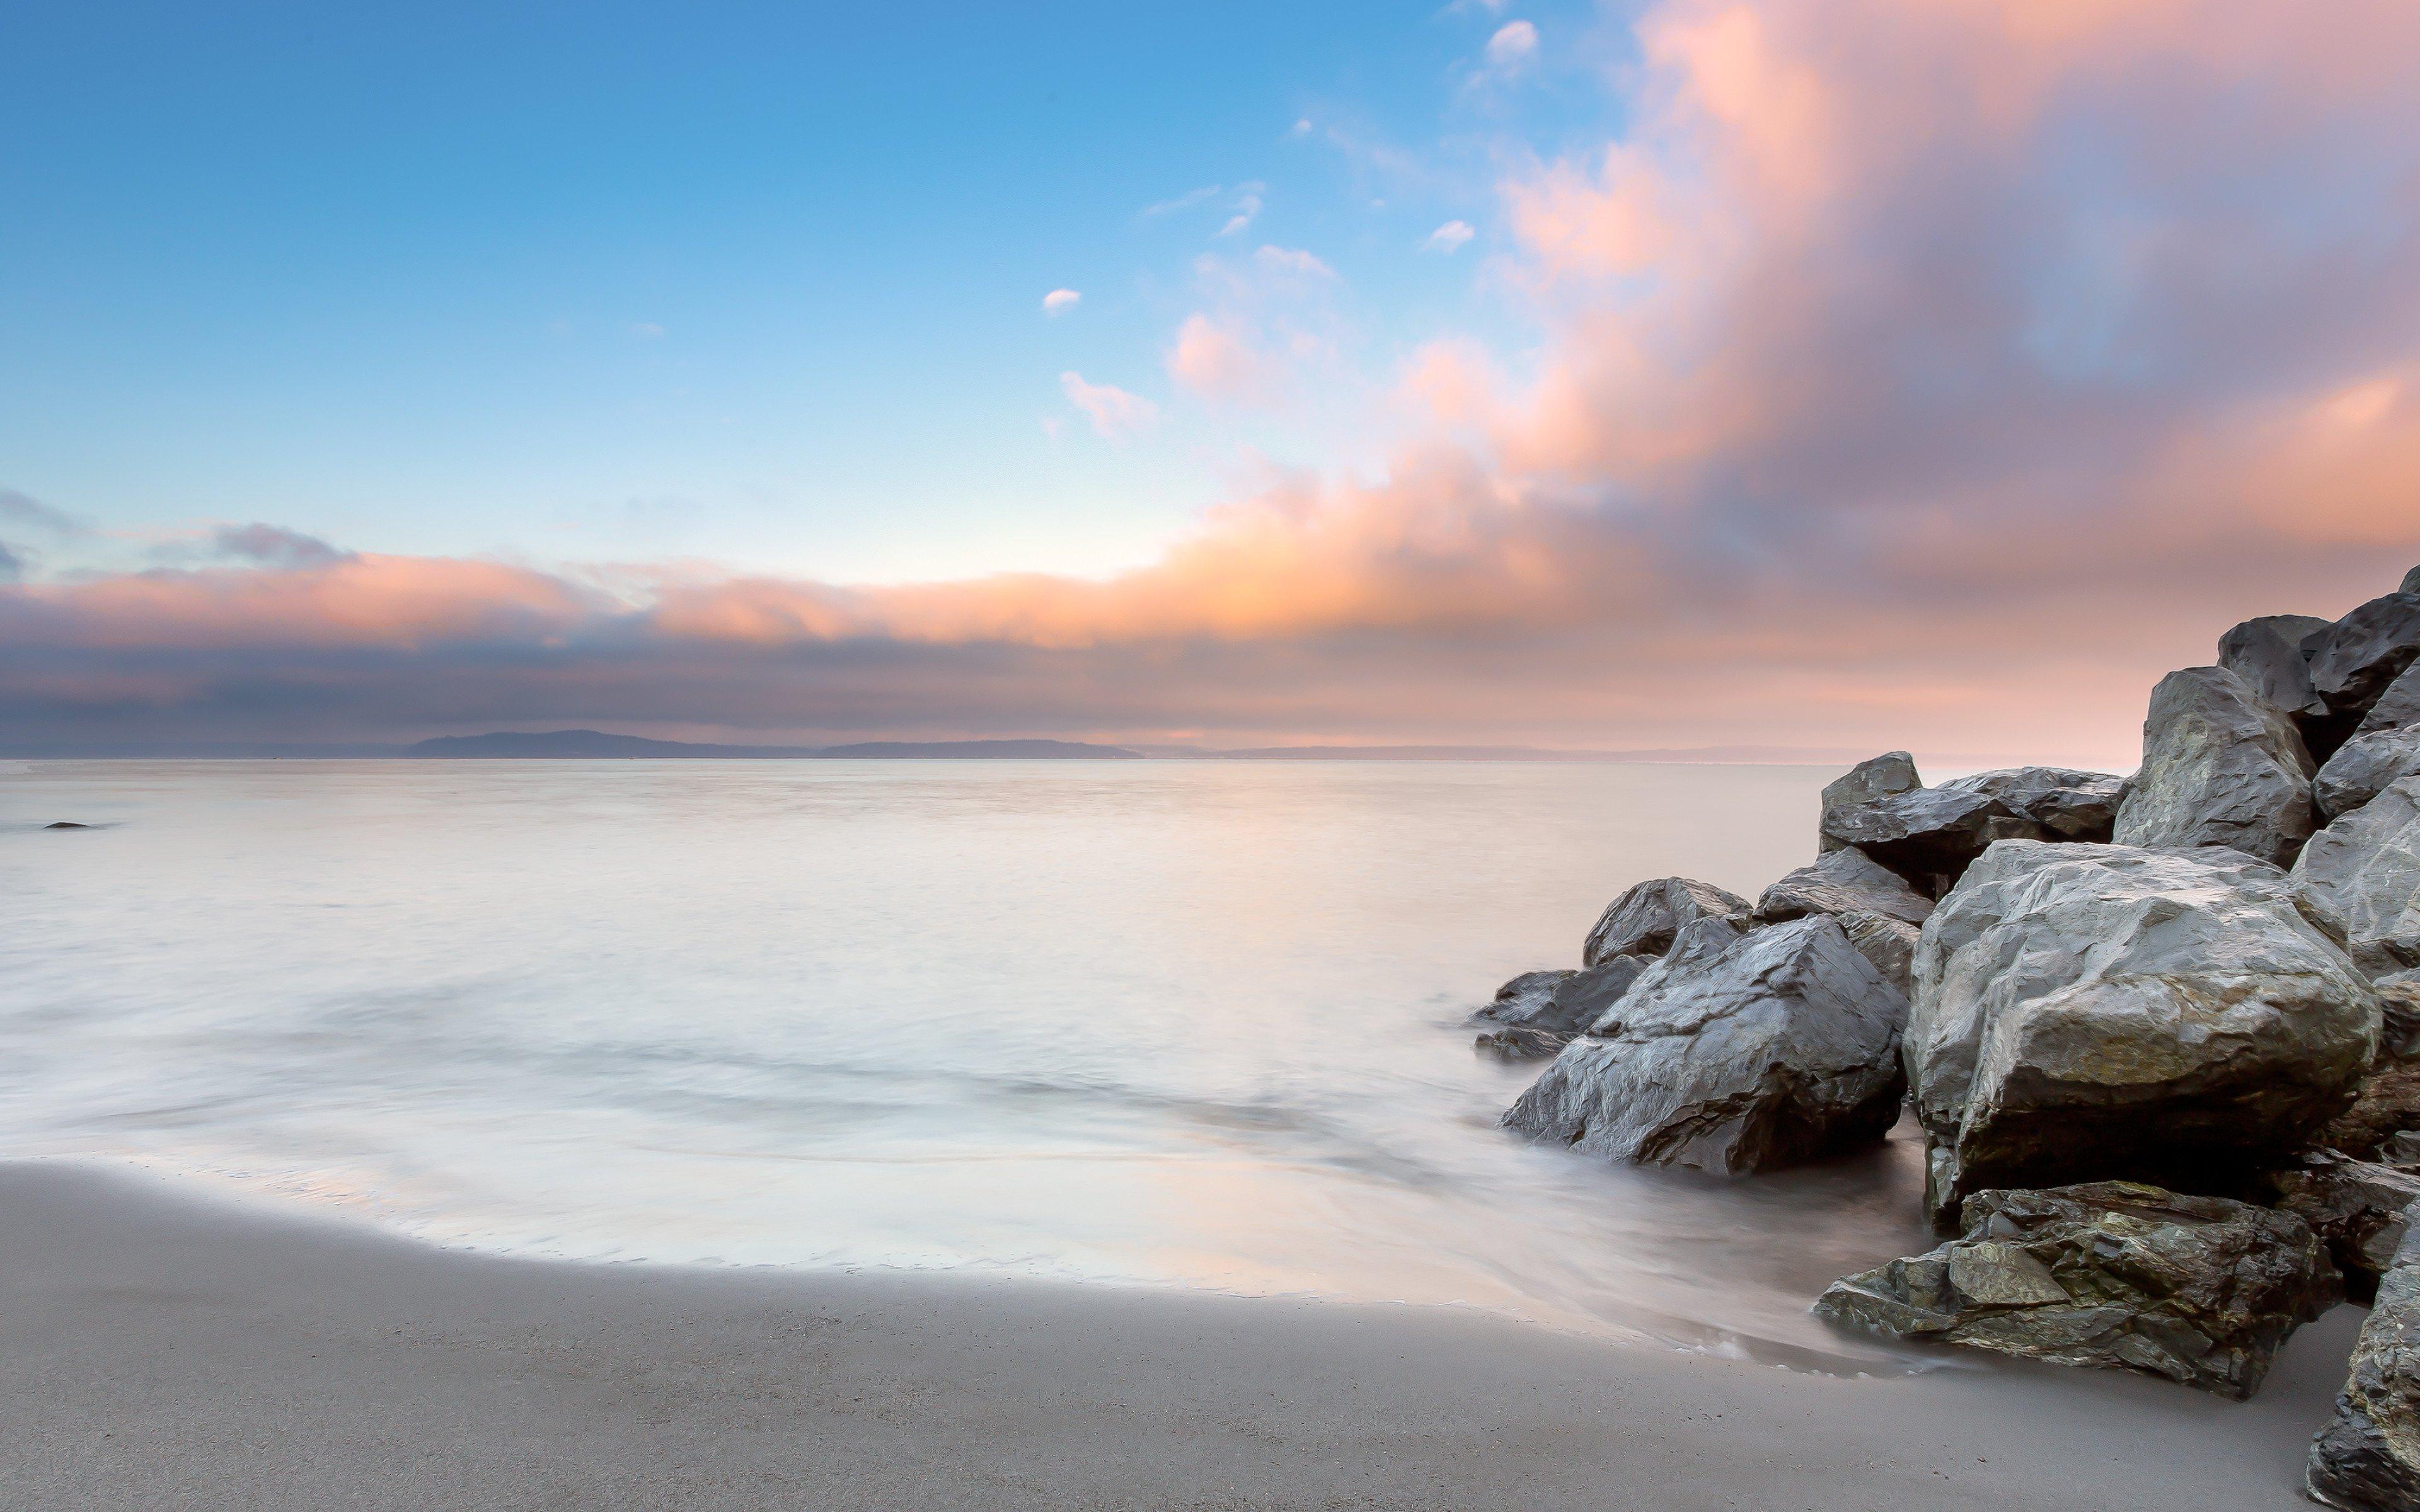 Fondos de pantalla Nubes al atardecer en la playa